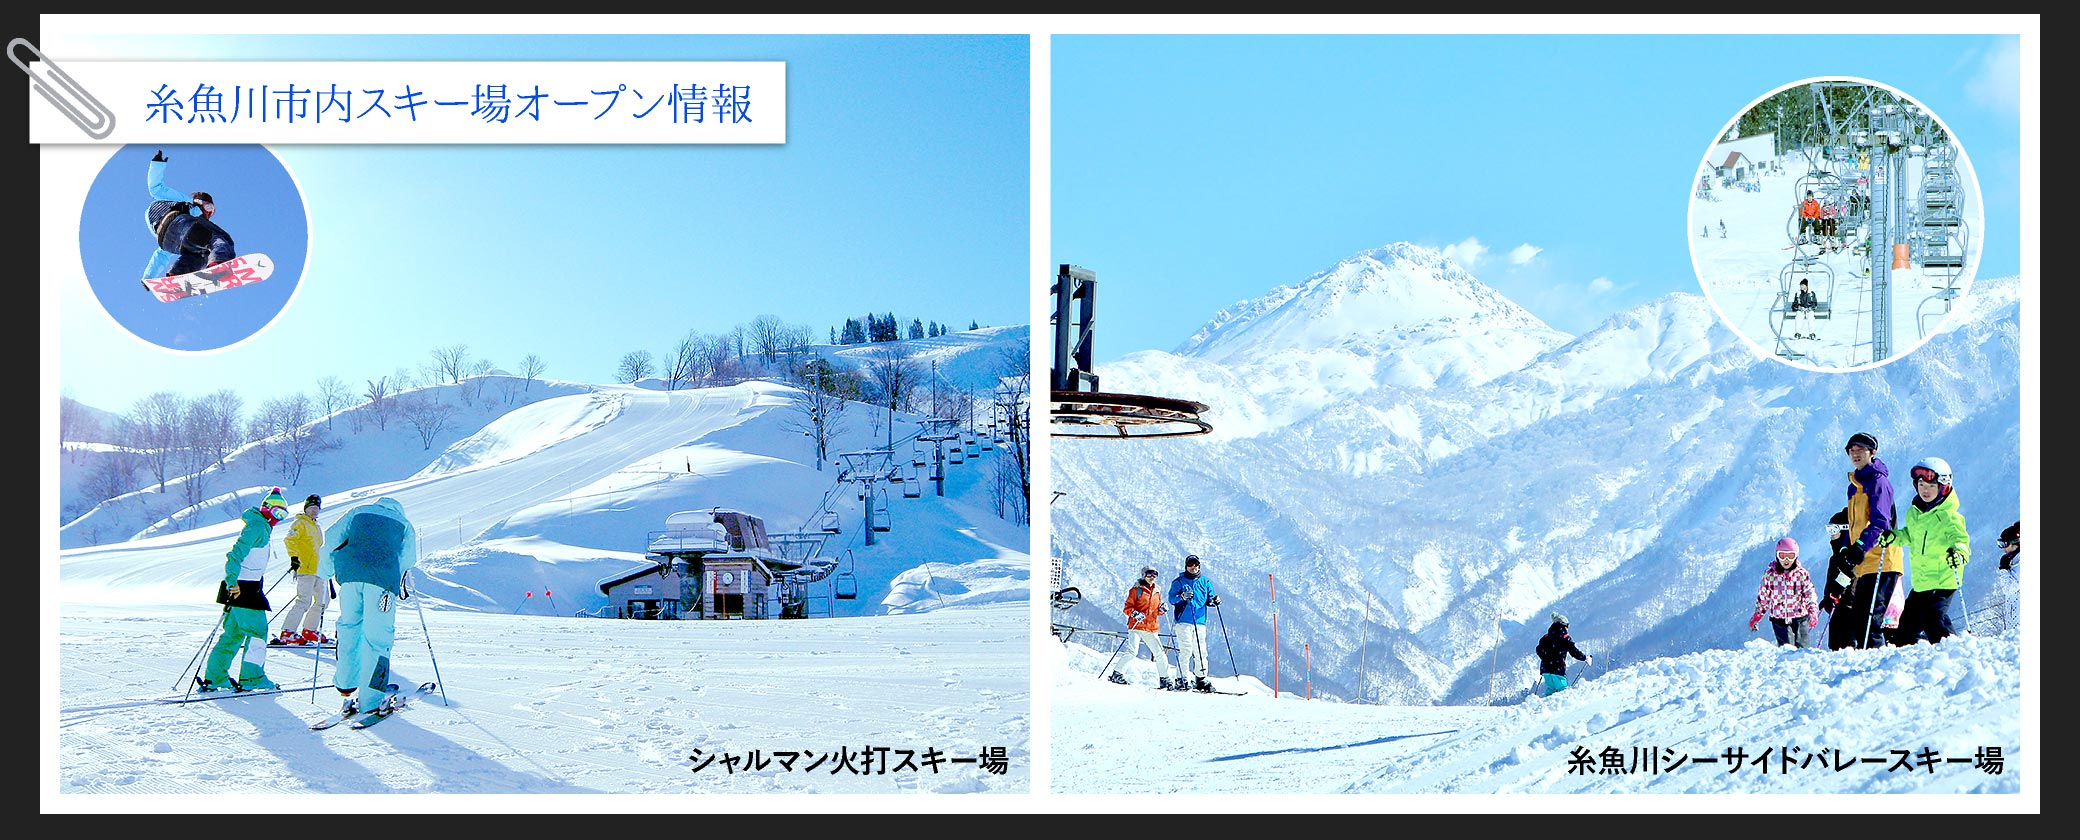 糸魚川市内スキー場オープン情報